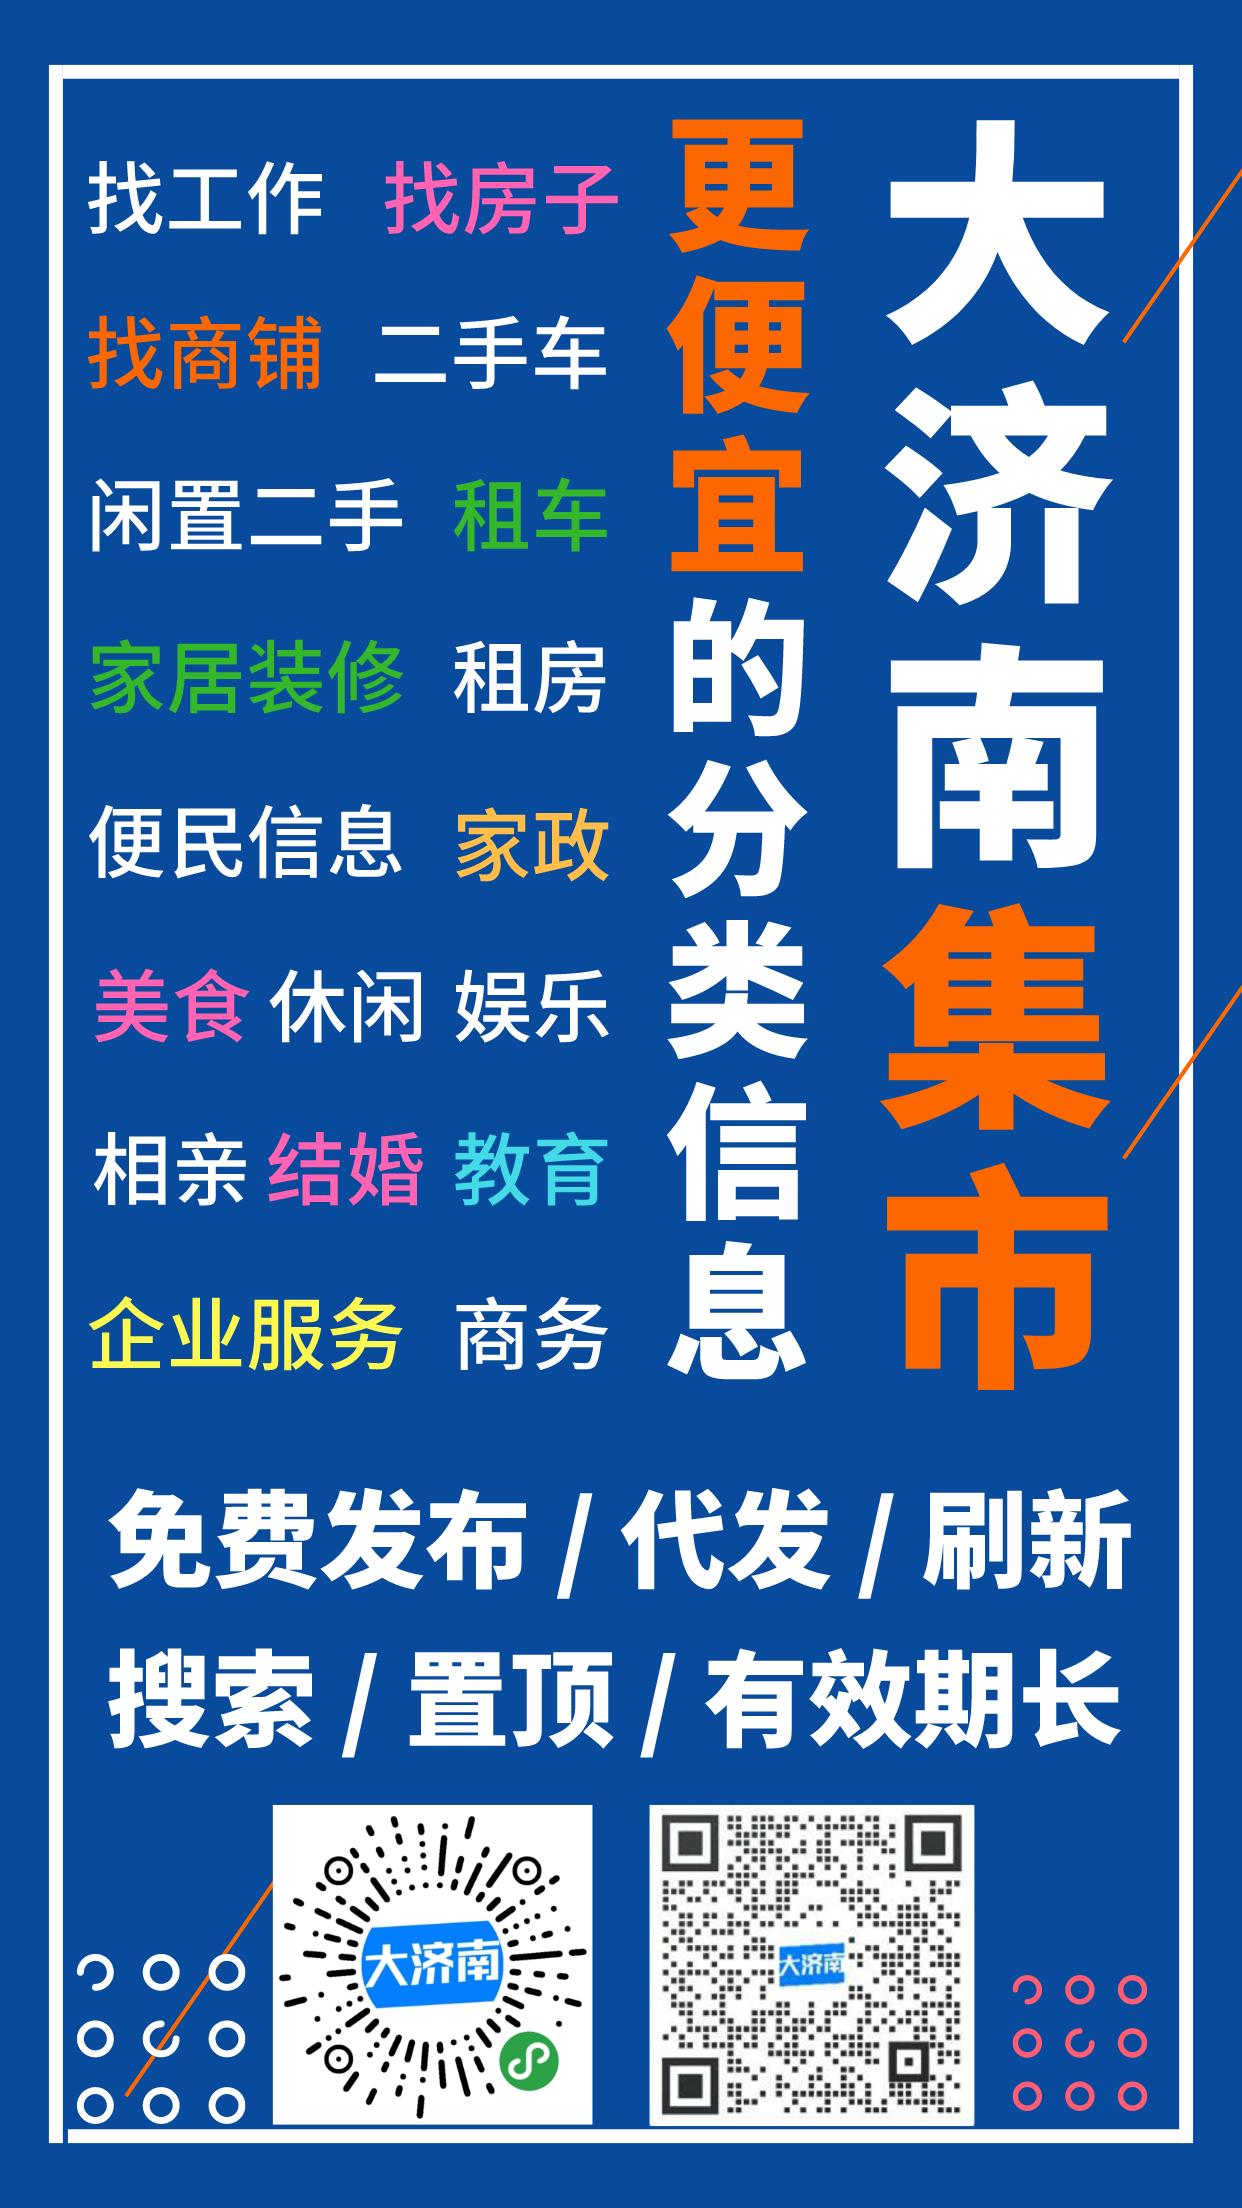 【大济南集市·我们有话说】2021年1月8日,说说大家更喜欢一年中的哪个季节吧?